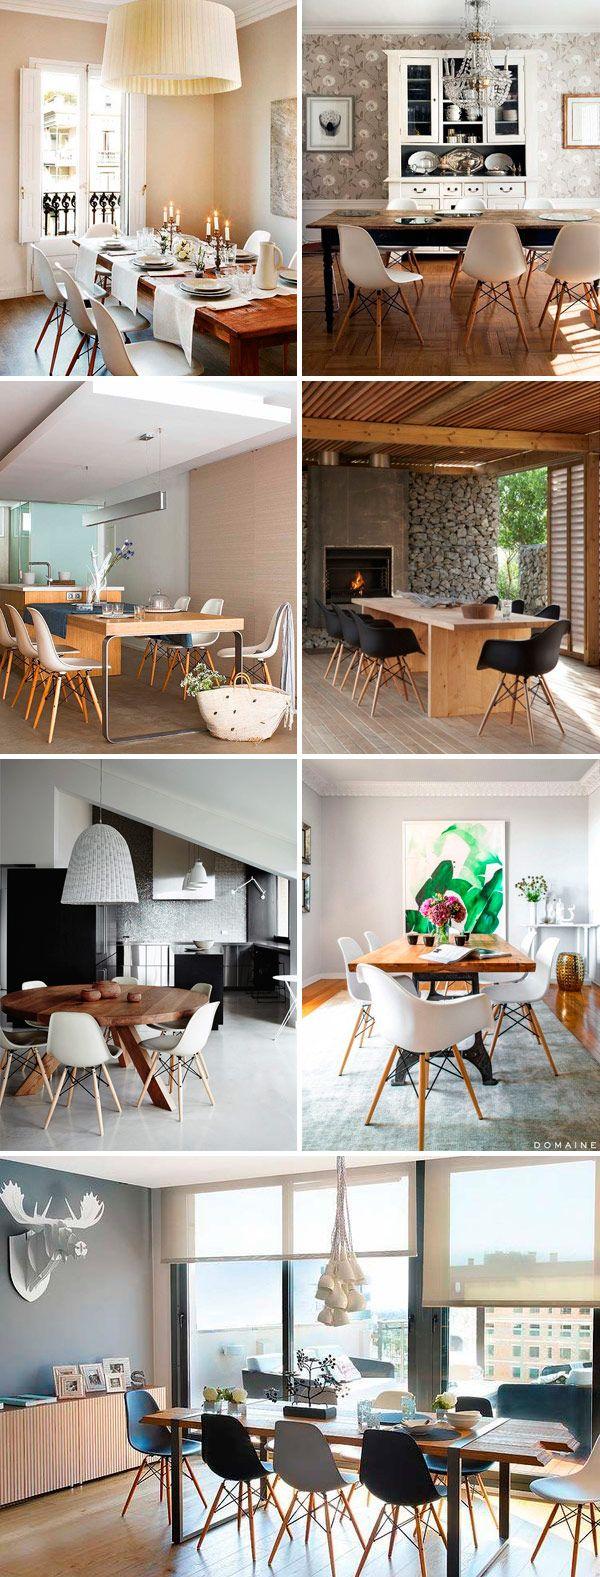 decoracao-sala-jantar-cadeira-eames-mesa-madeira